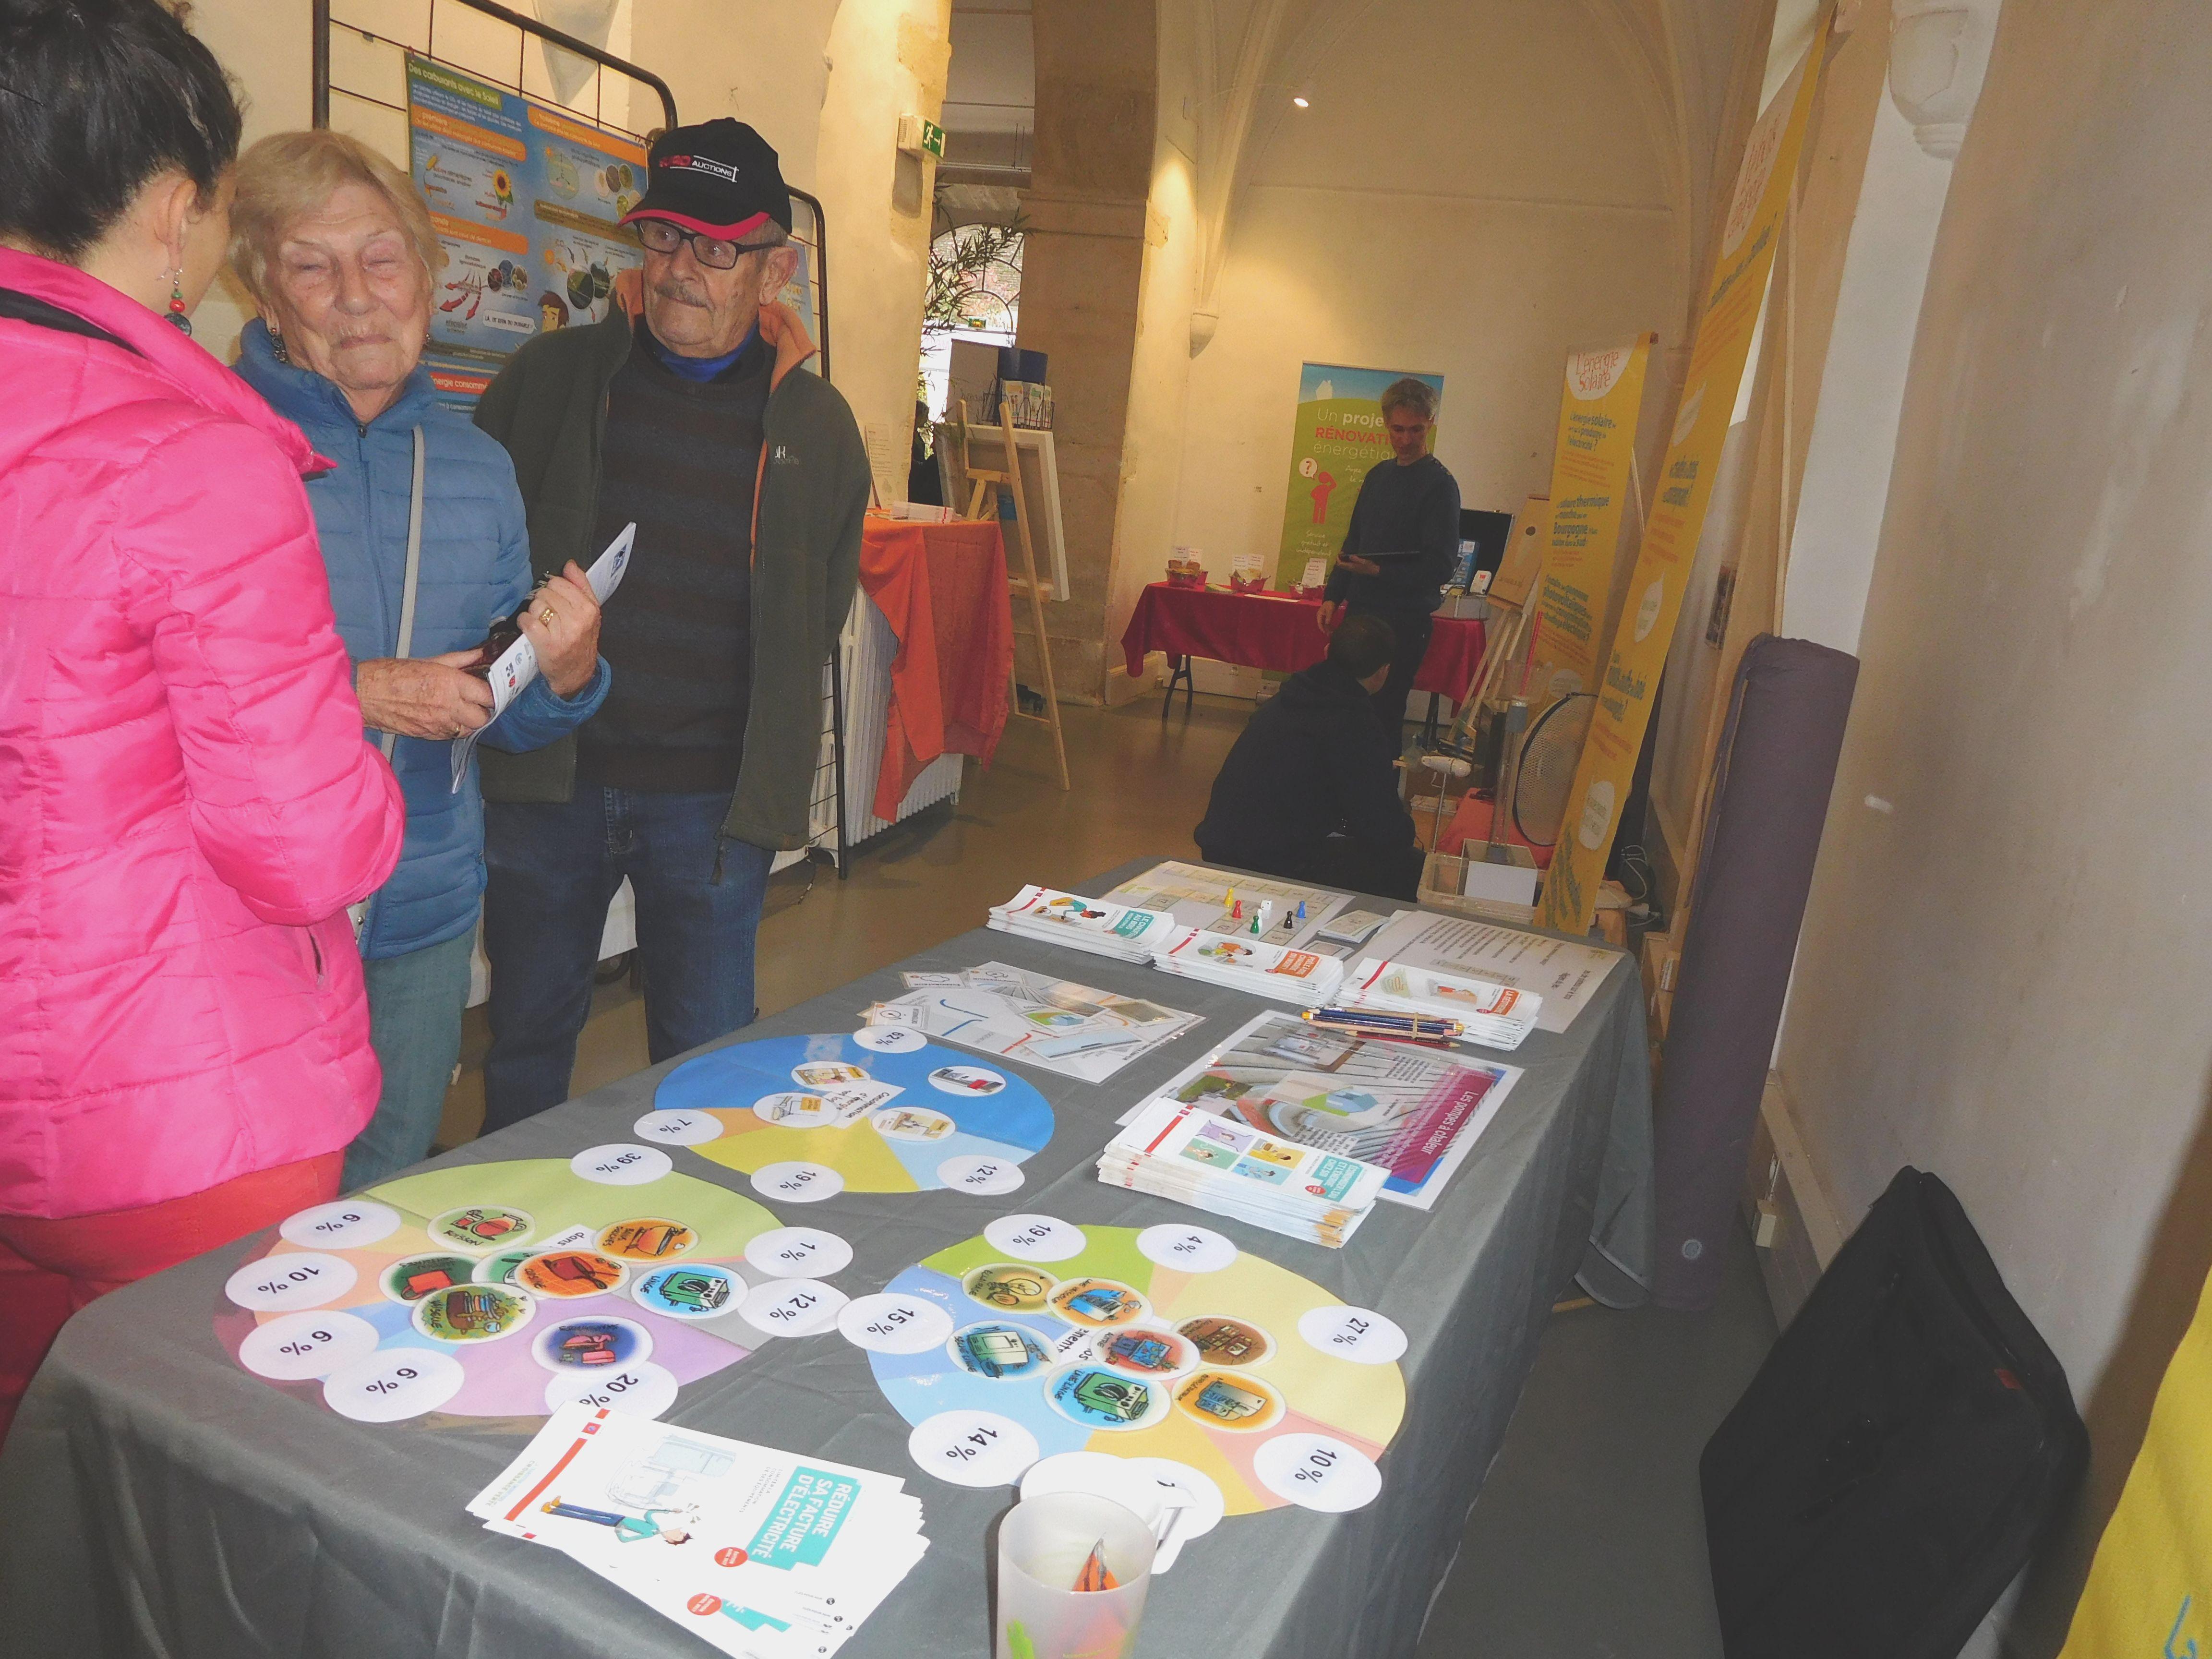 2019-10-19 Fête de l'environnement Beaune-DSCN5839